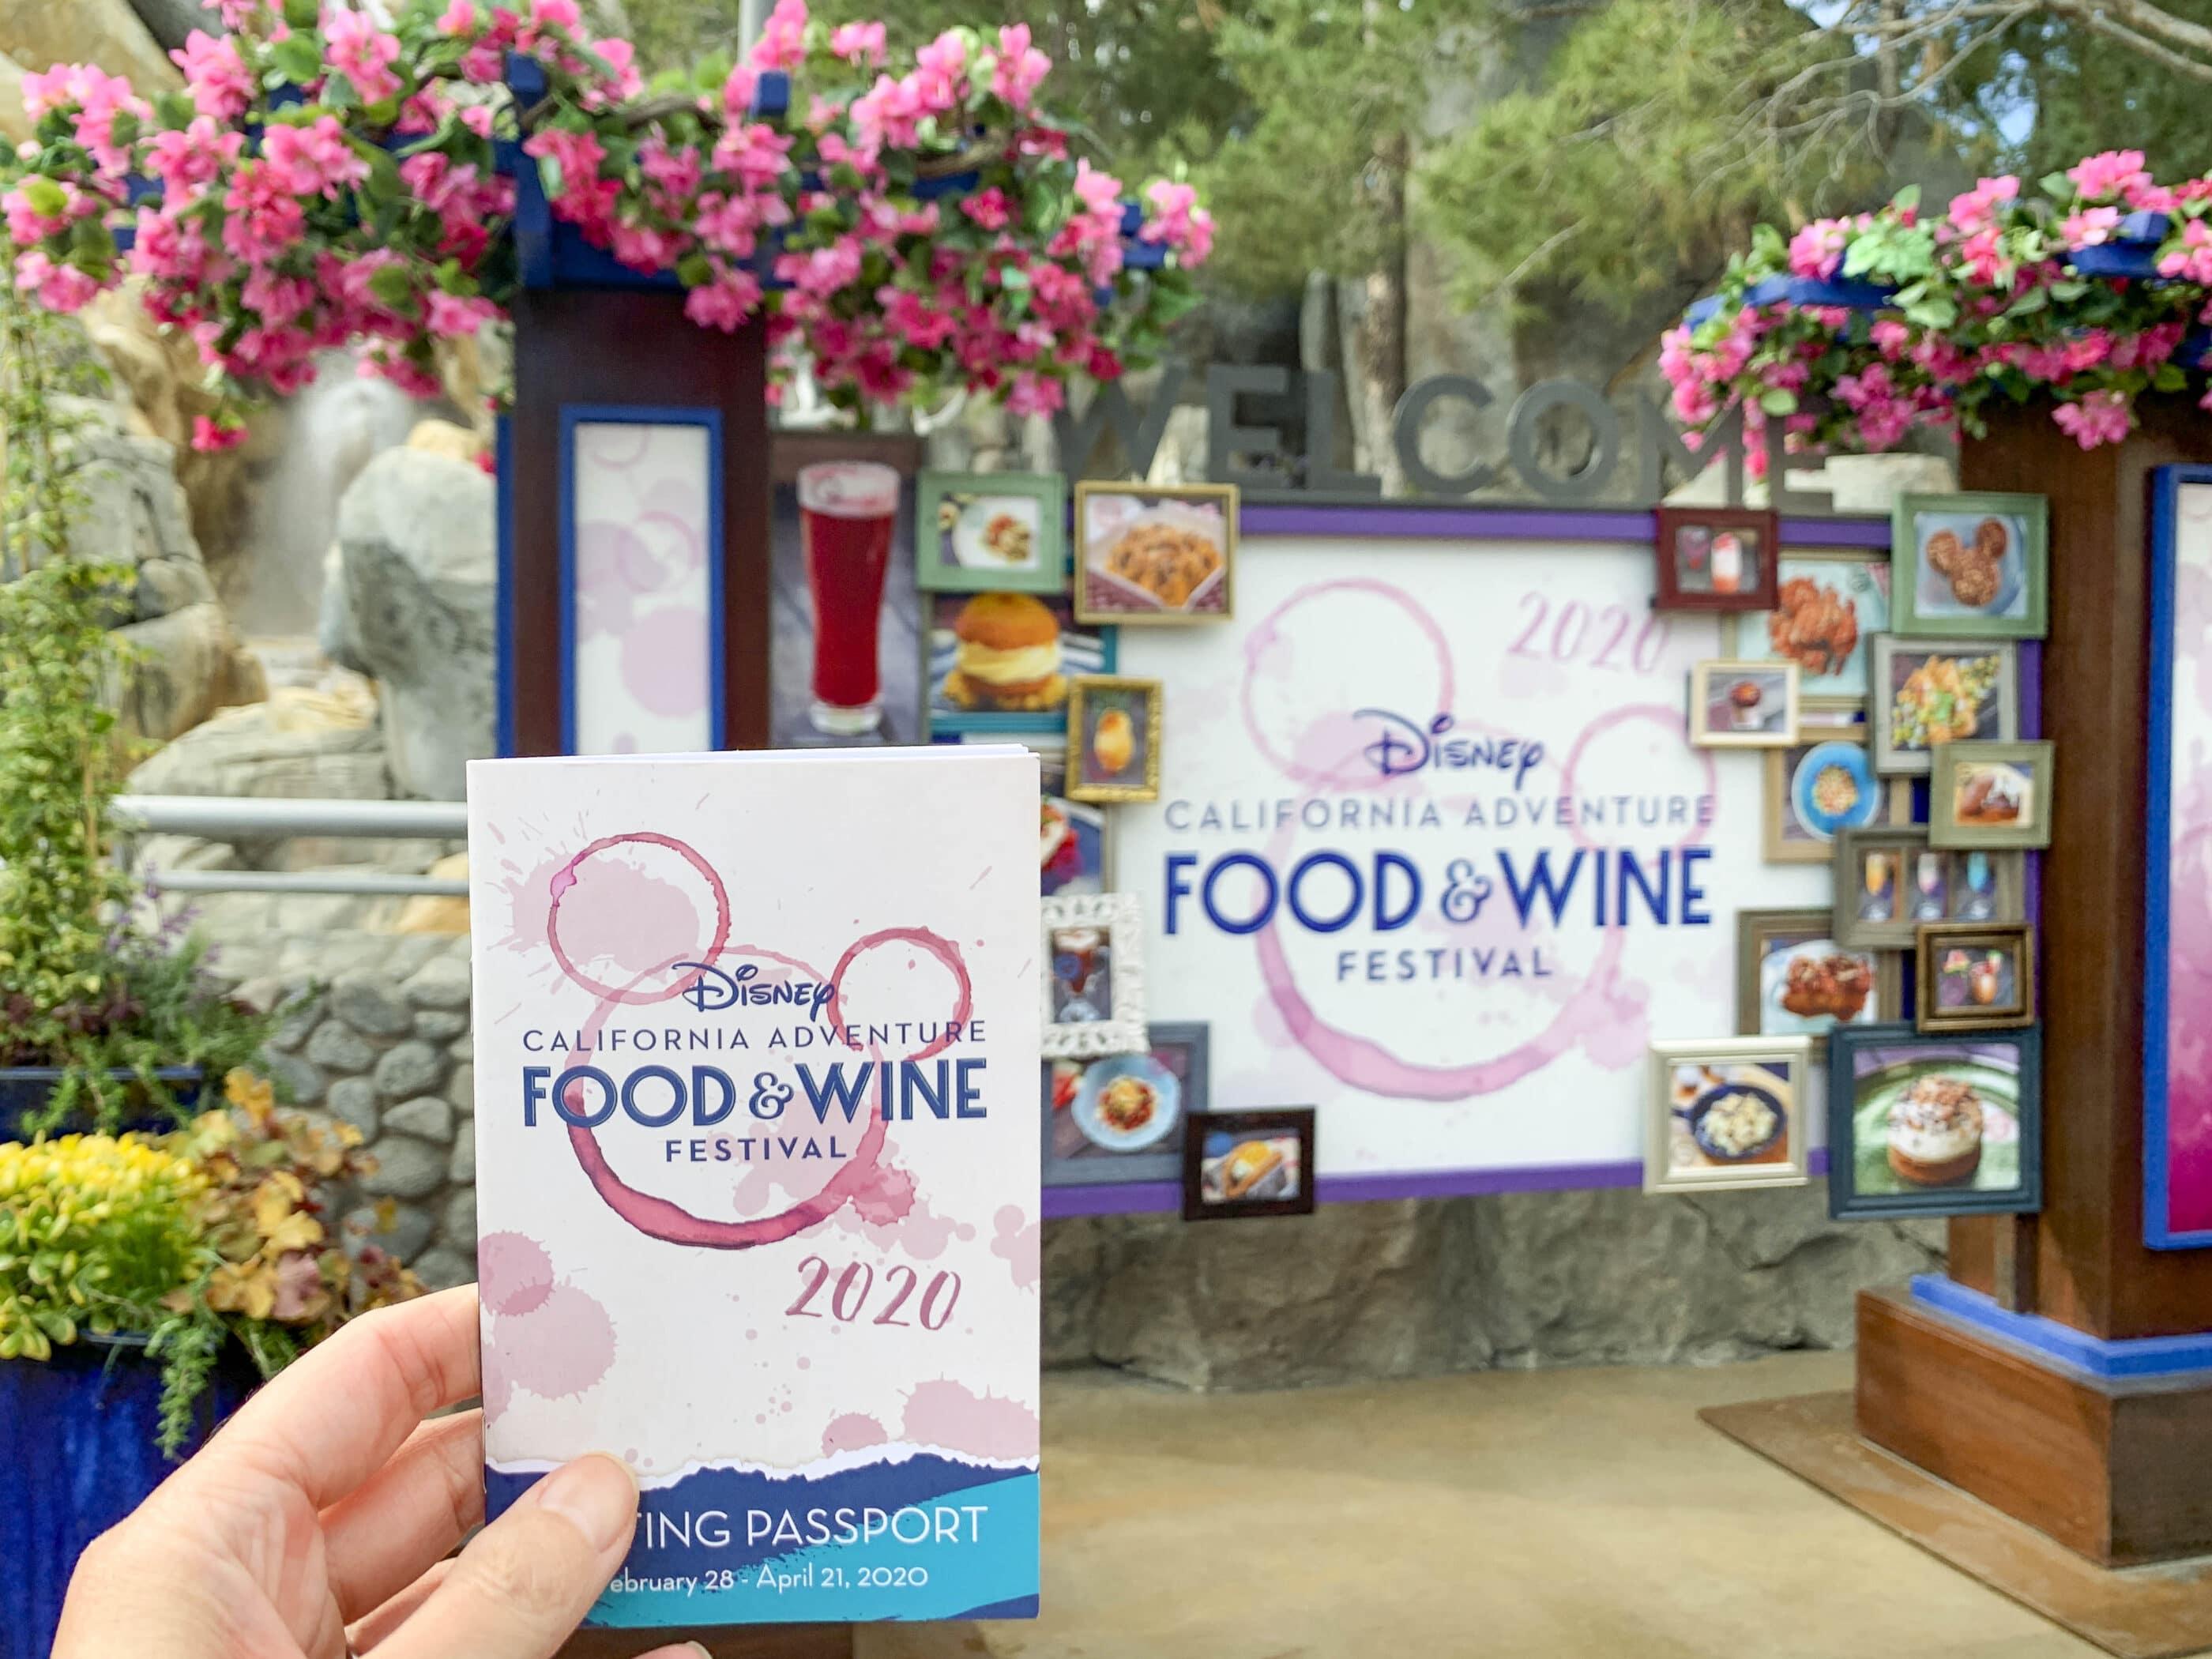 Je détiens le passeport de dégustation du Disney California Adventure Food and Wine Festival devant le grand panneau du festival.